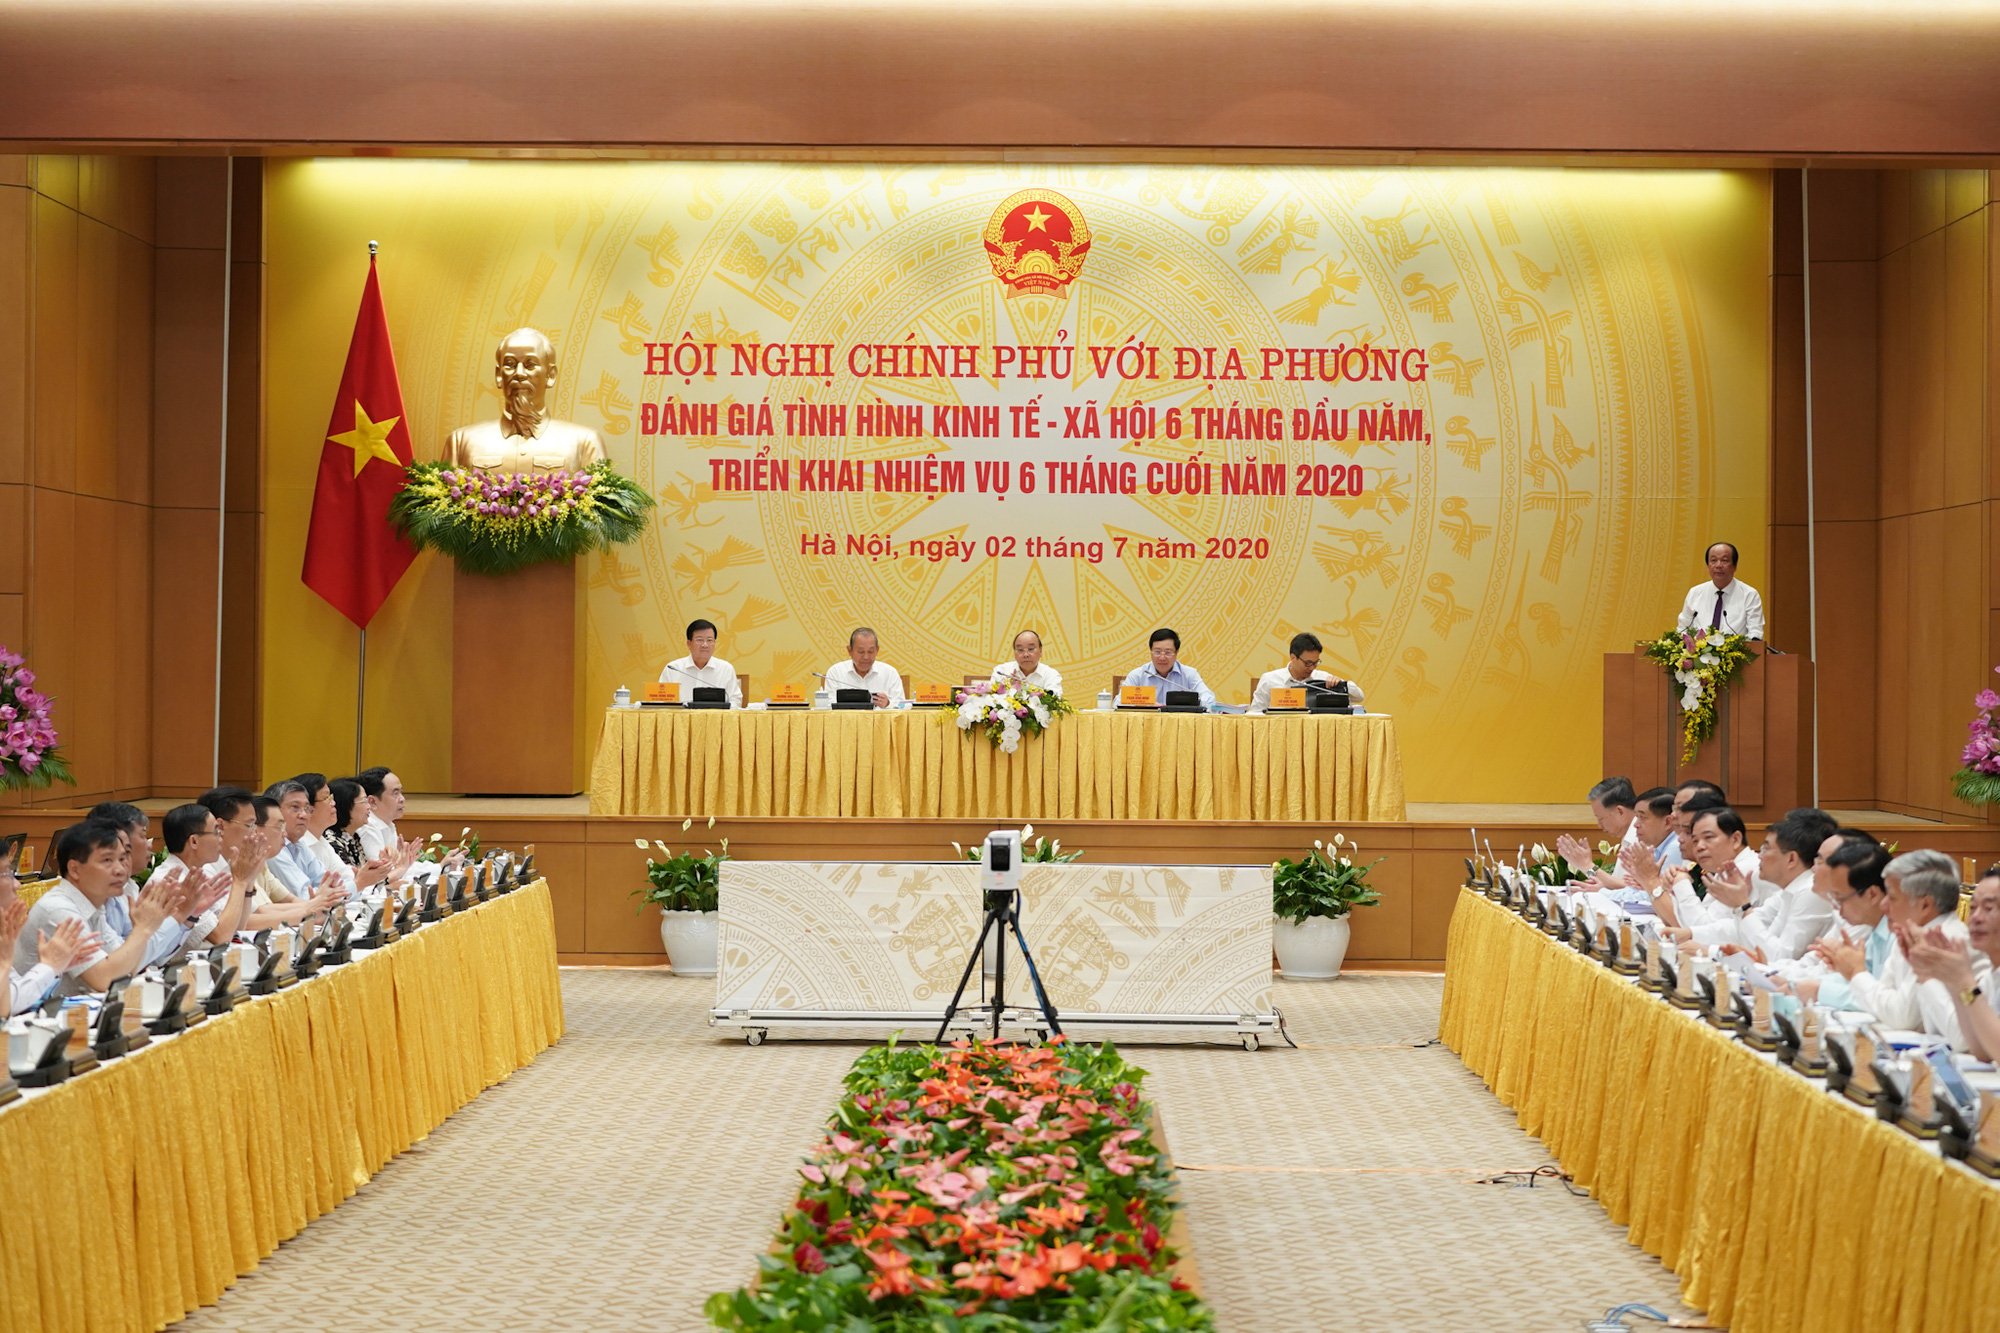 """Bộ trưởng Nguyễn Chí Dũng: """"Chống suy thoái kinh tế như chống giặc"""" - Ảnh 2."""